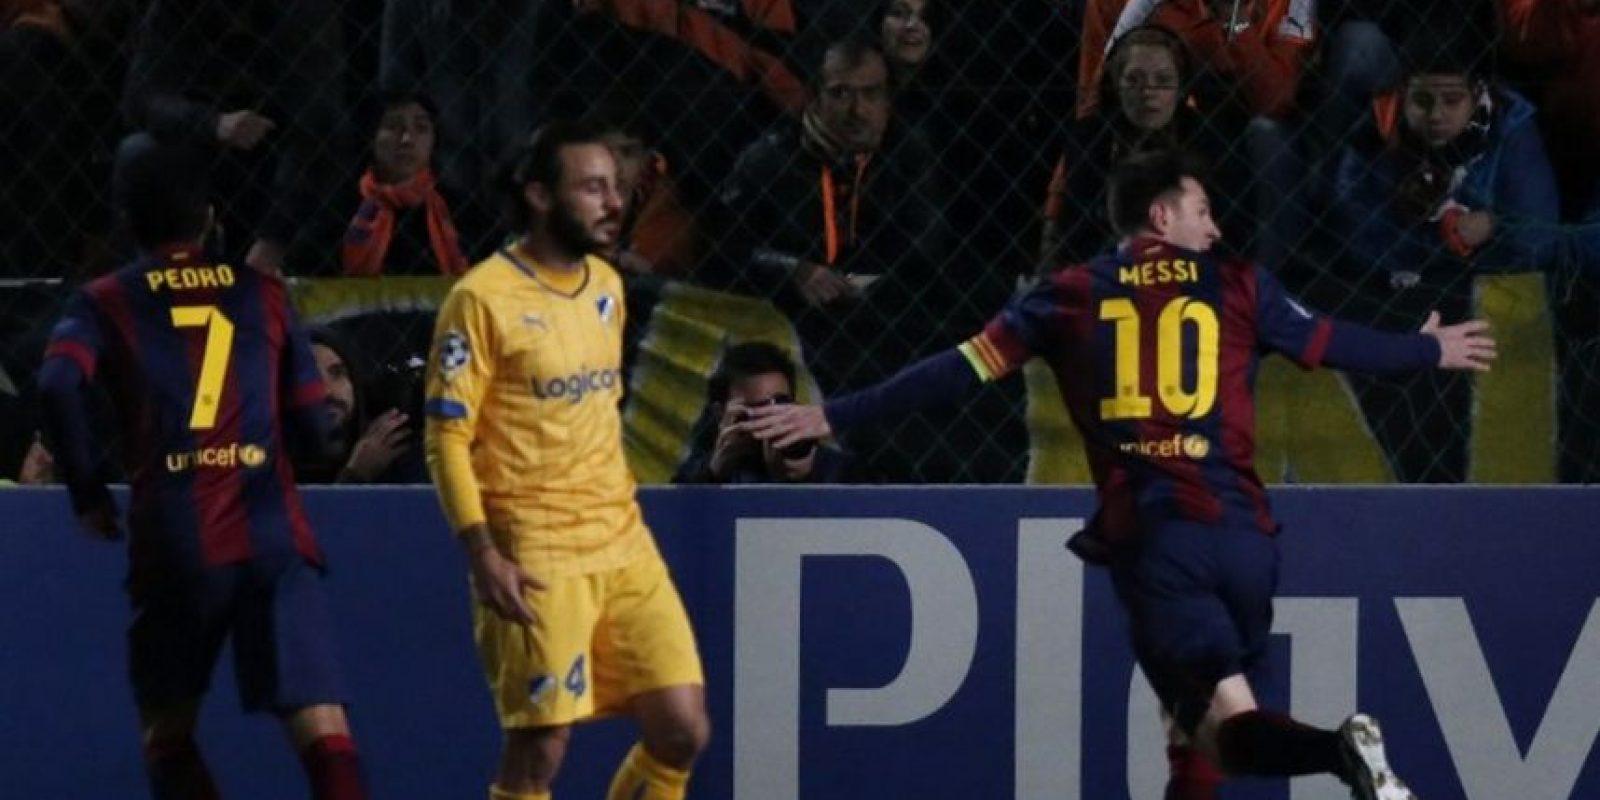 25 de noviembre de 2014. En Chipre, ante APOEL, el Barçano solo consolidó el pase a la siguiente ronda, sino que catapultó a Messi como el máximo anotador de la historia de la competición al superar a Raúl con 74 goles. Foto:AFP